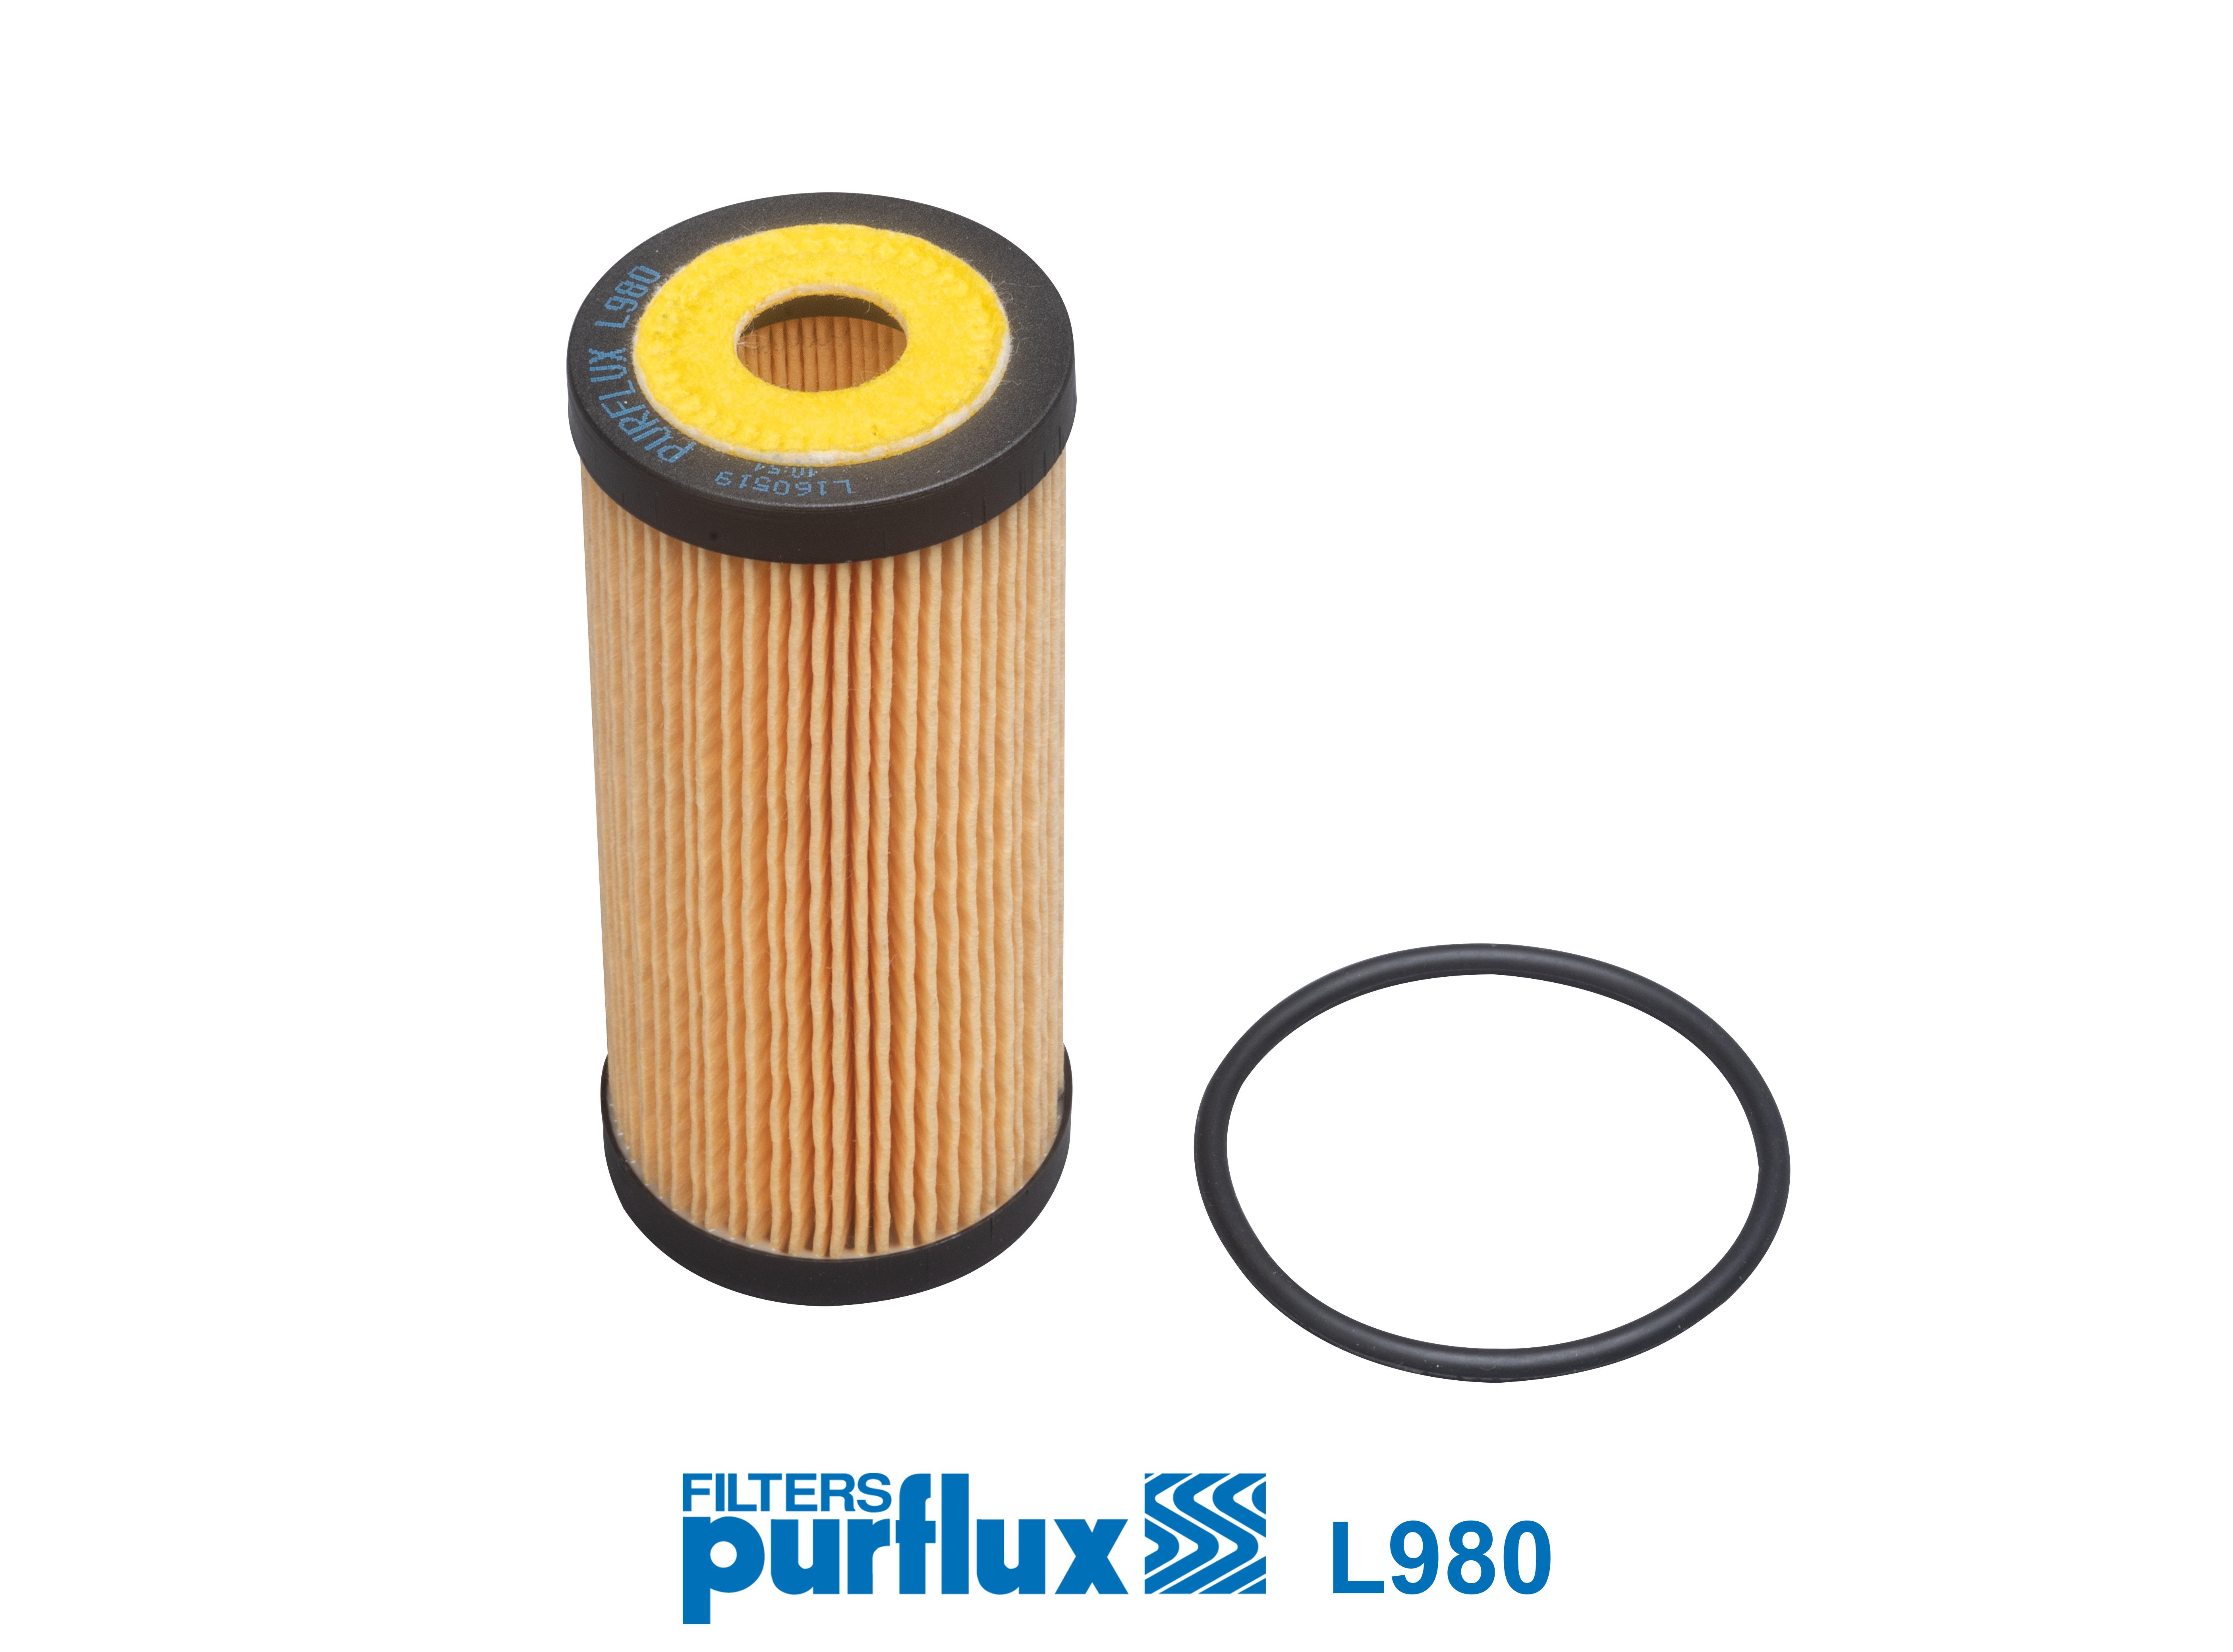 Purflux A1149 Air Filter